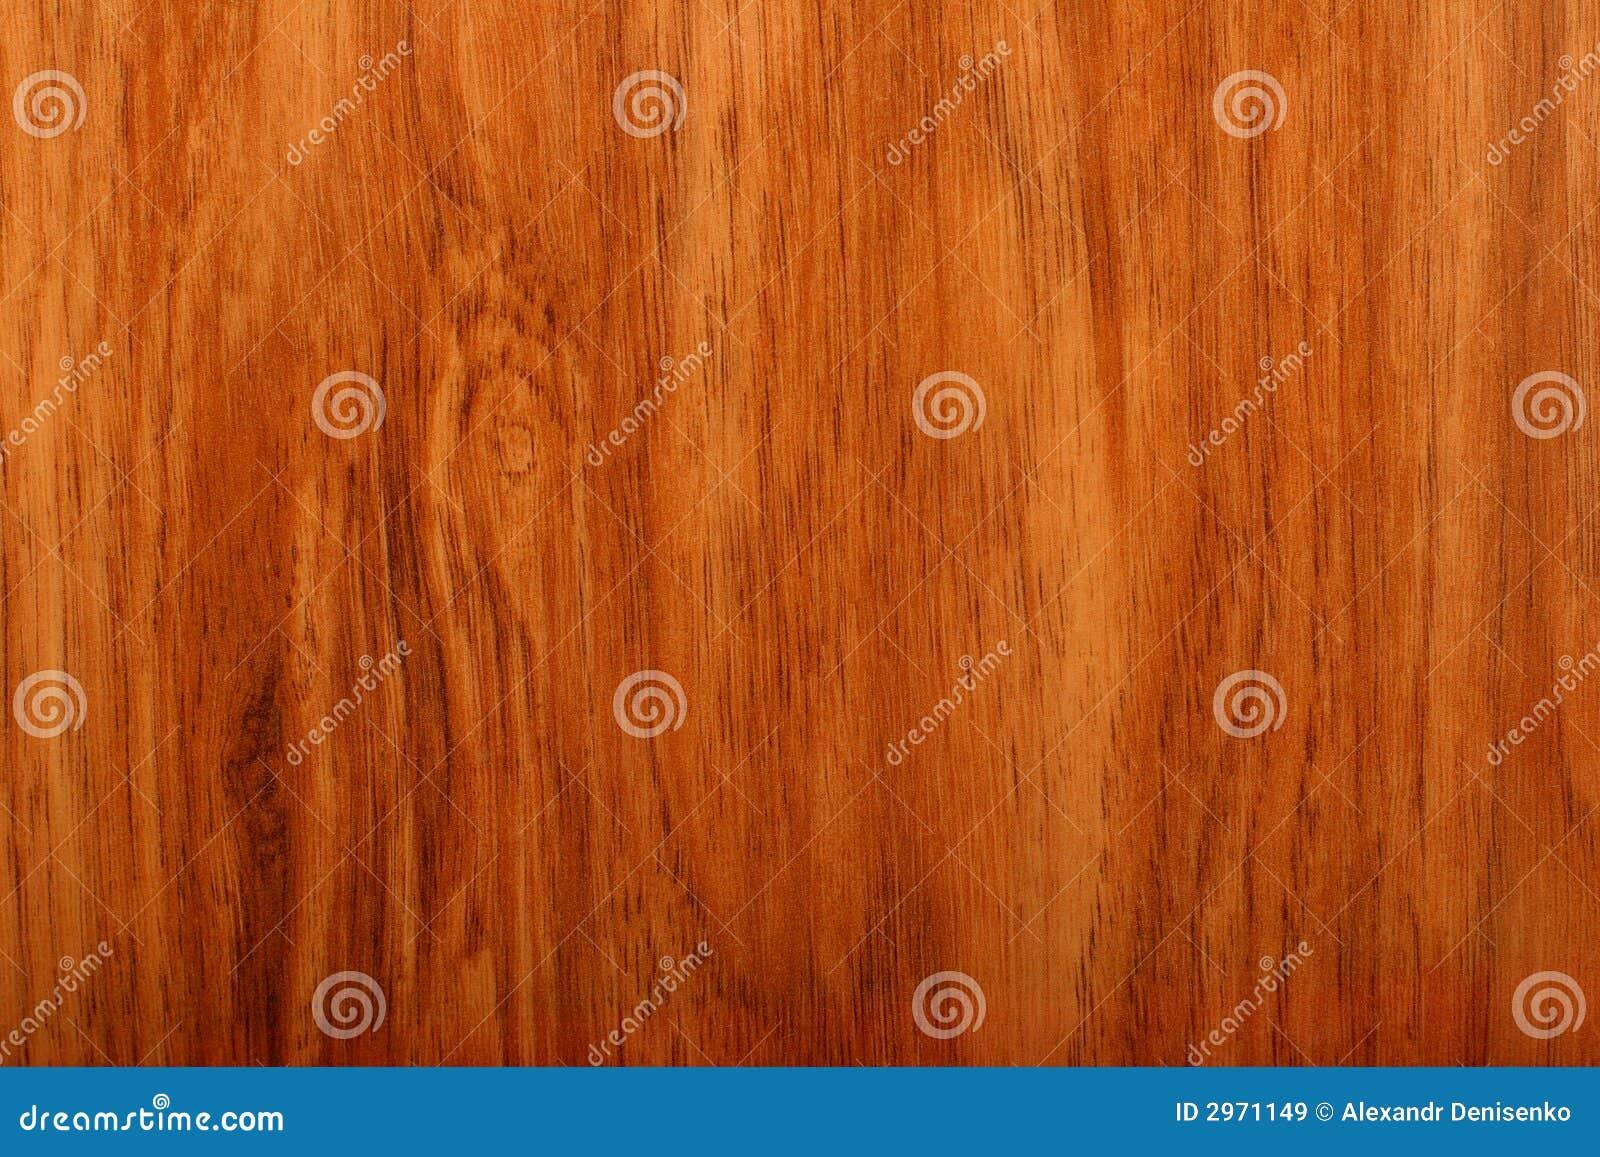 wood background royalty free - photo #23